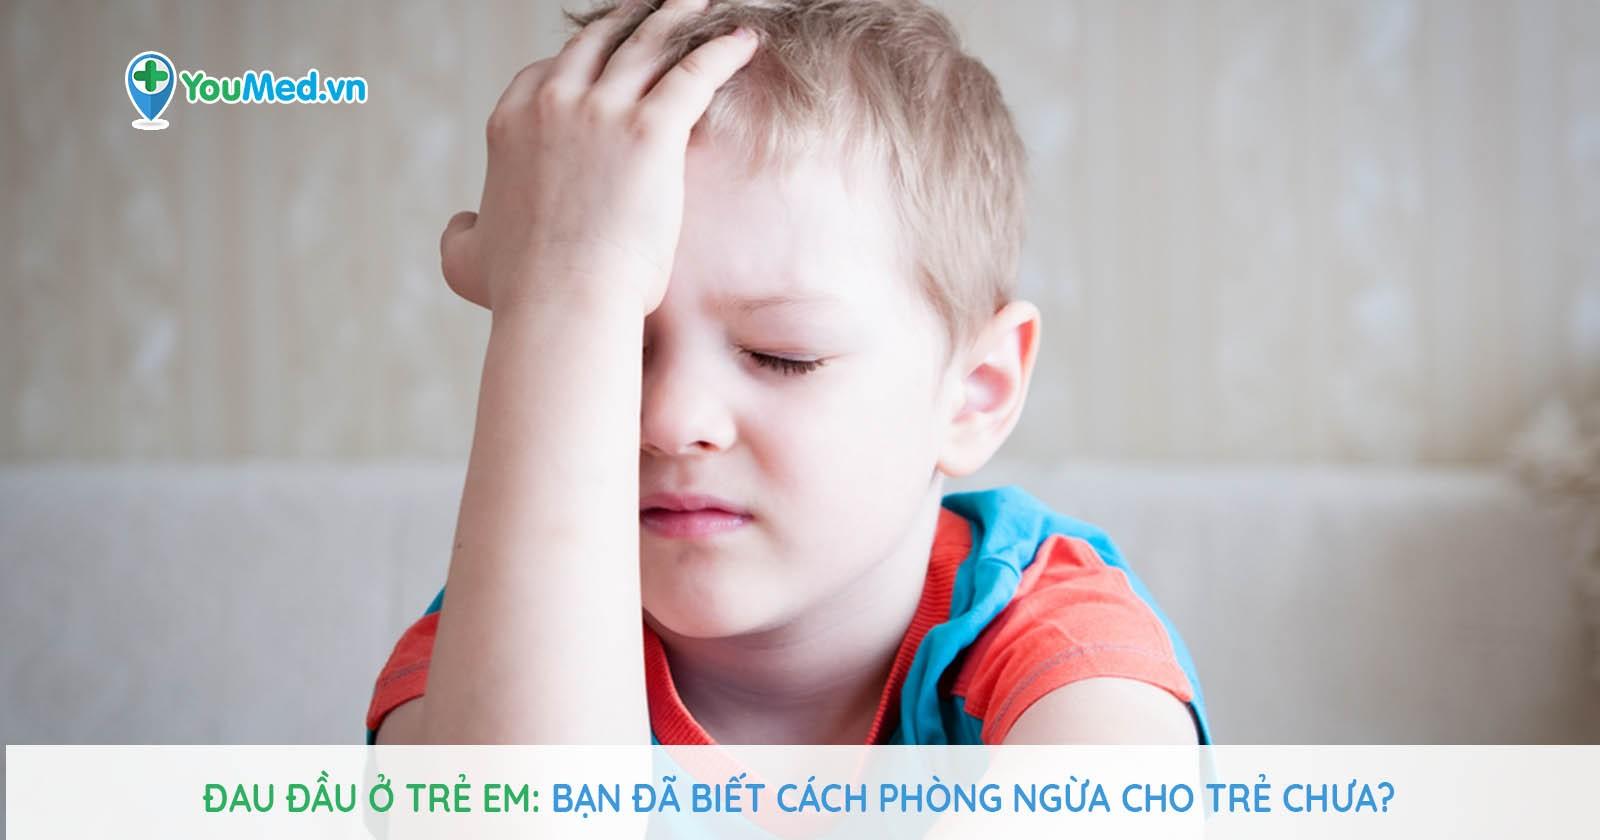 Đau đầu ở trẻ em - bạn đã biết cách phòng ngừa cho trẻ chưa